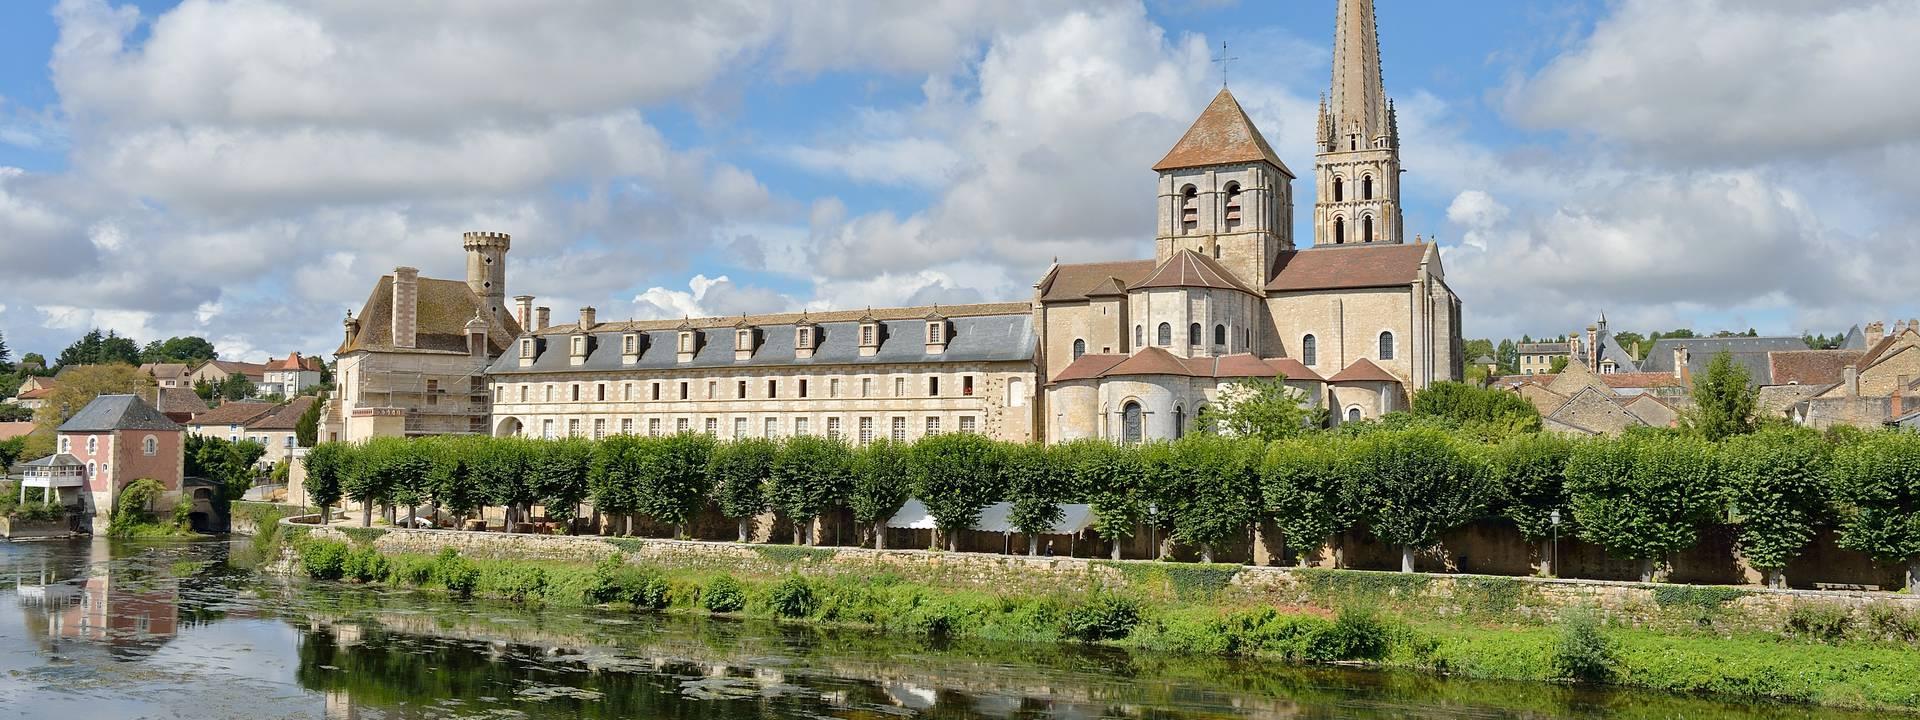 Abadía de Saint-Savin en Sud Vienne Poitou